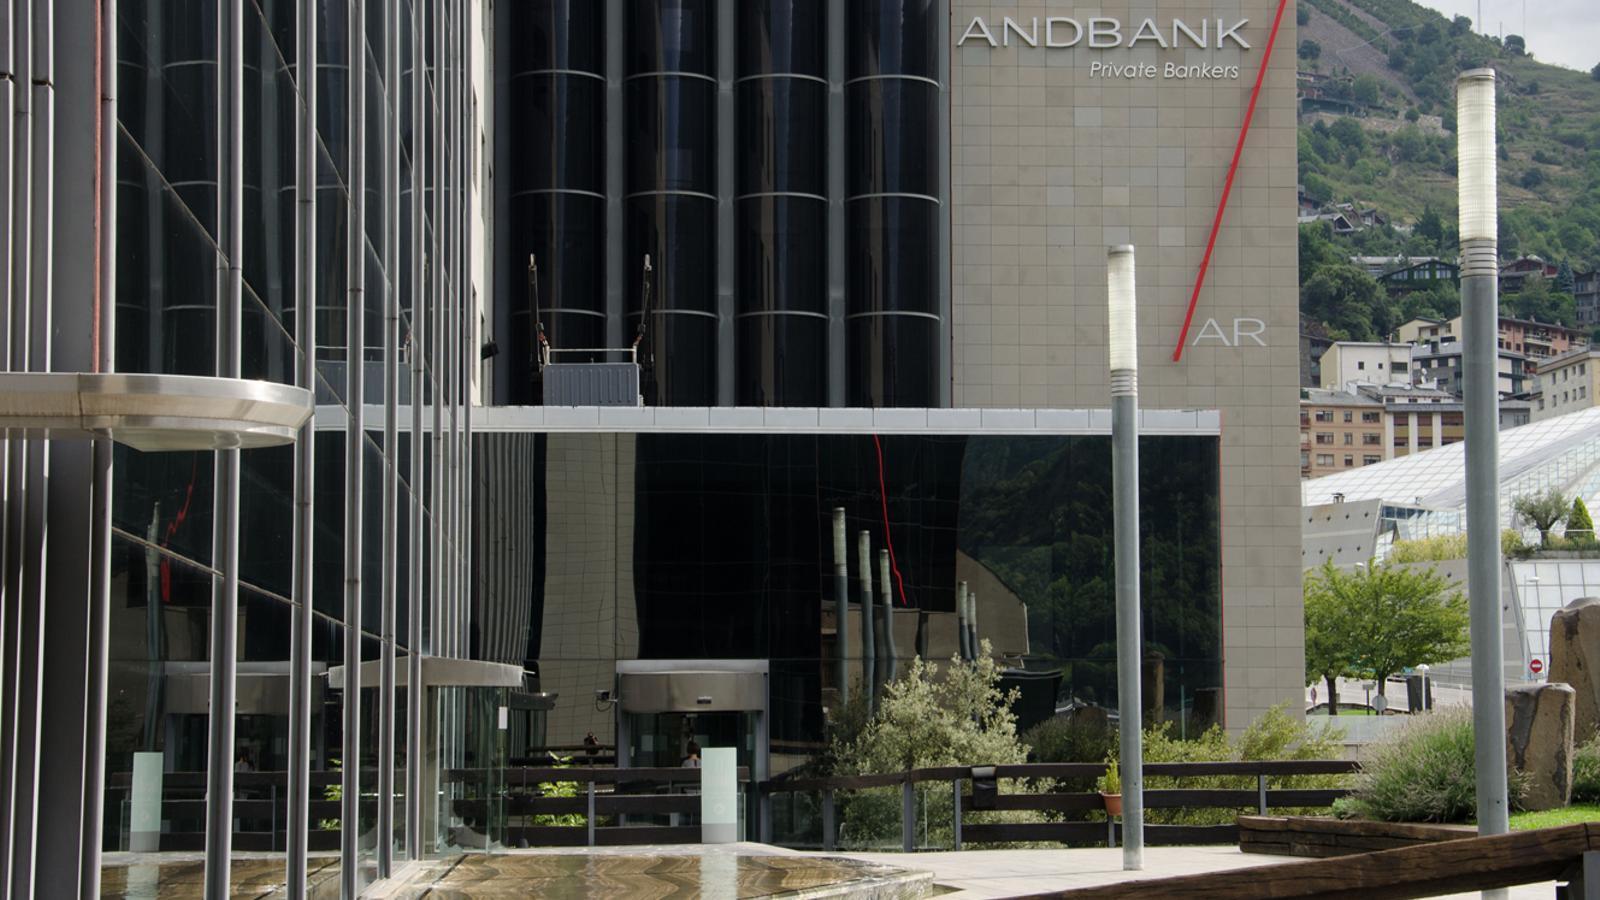 Seu central d'Andbank a Escaldes-Engordany. / D. R. (ANA)